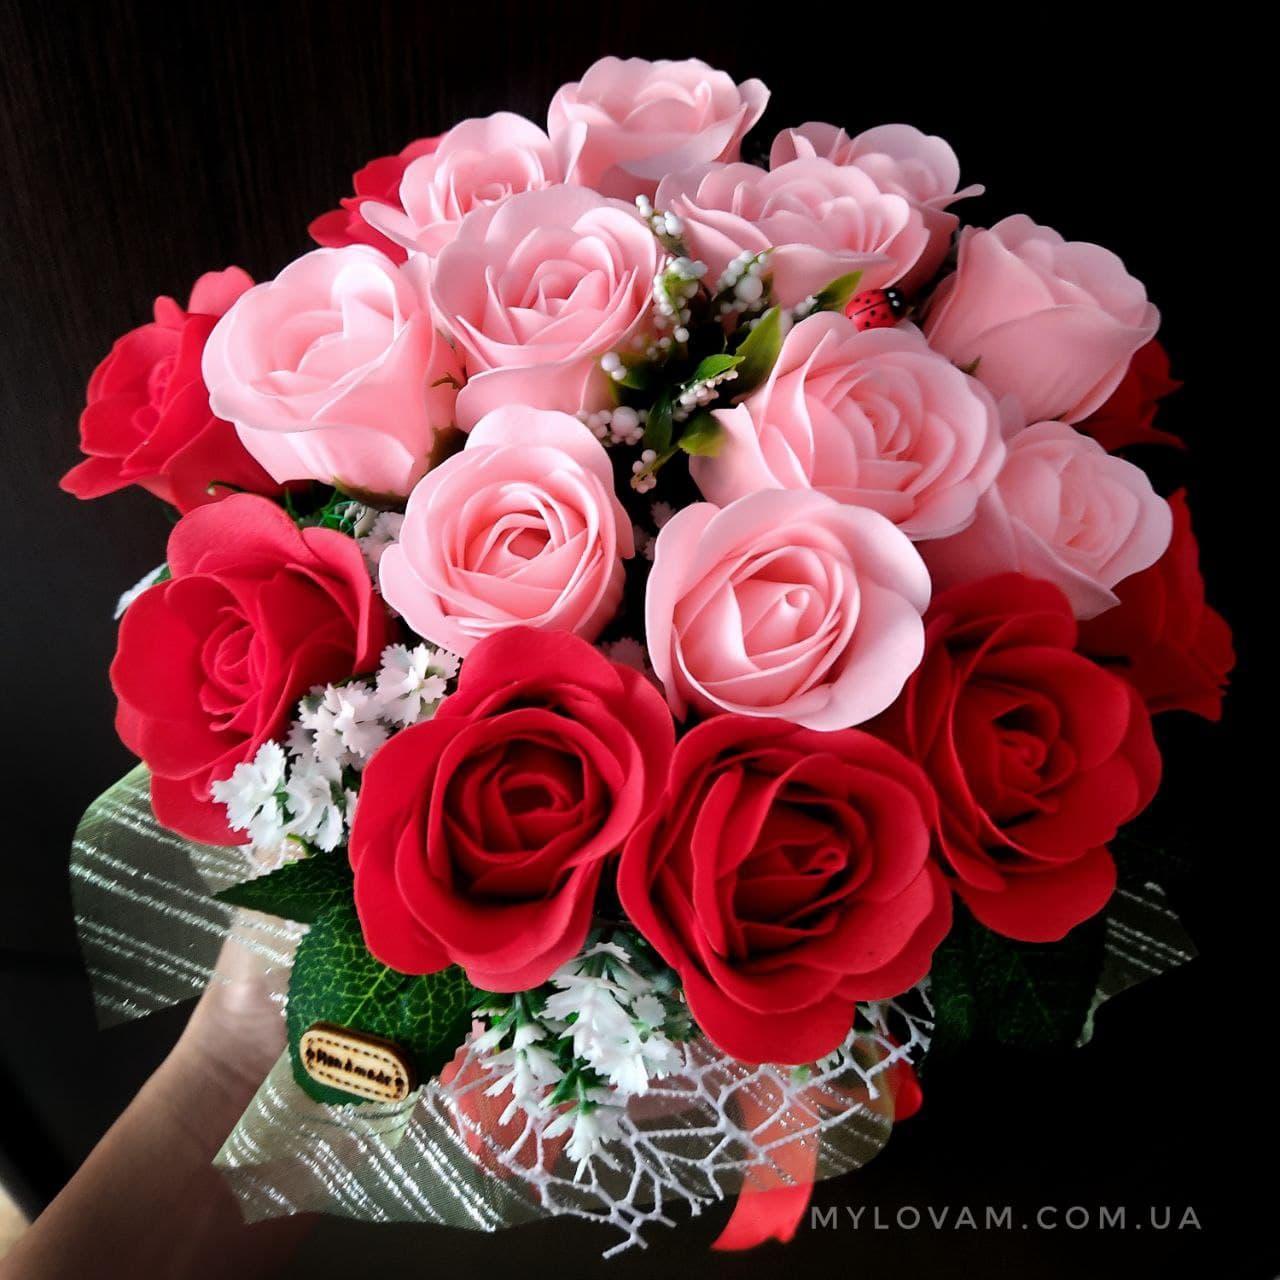 Букет из мыла ручной работы, мыльный букет, композиция розы из мыла, неувядающие цветы, 21 роза из мыла